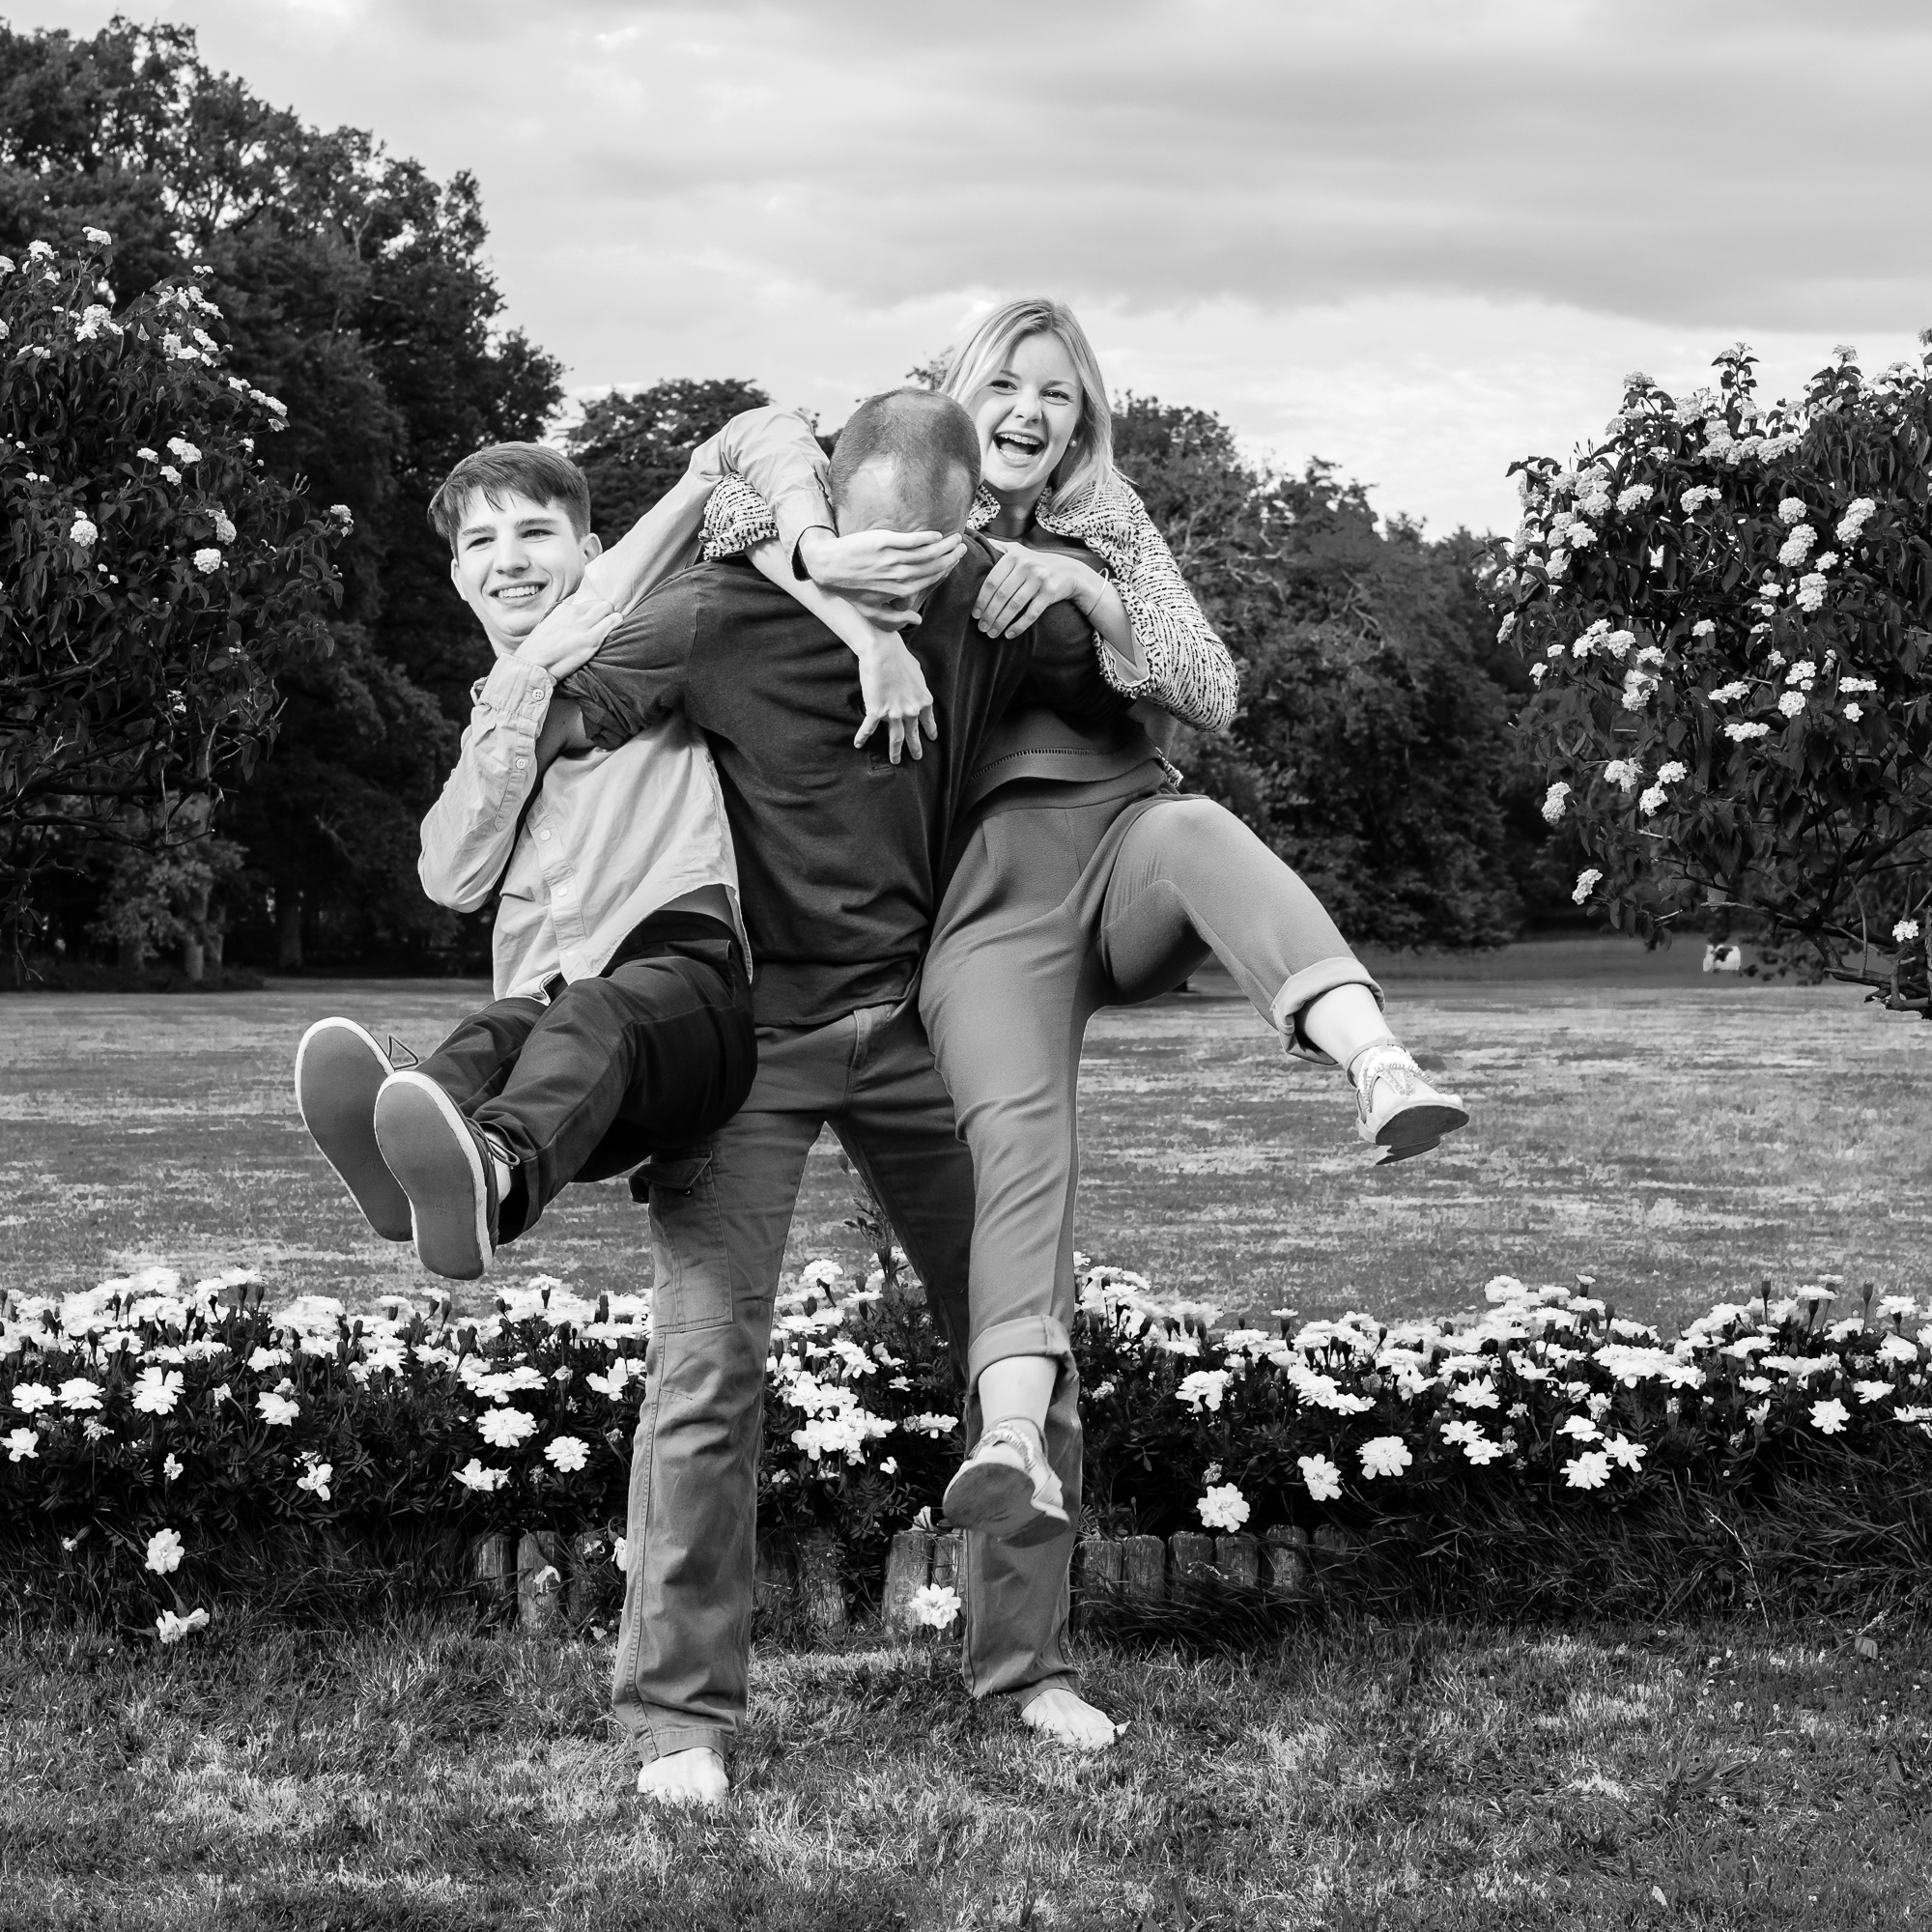 Mariage_2017_-_Invités_cramponnés